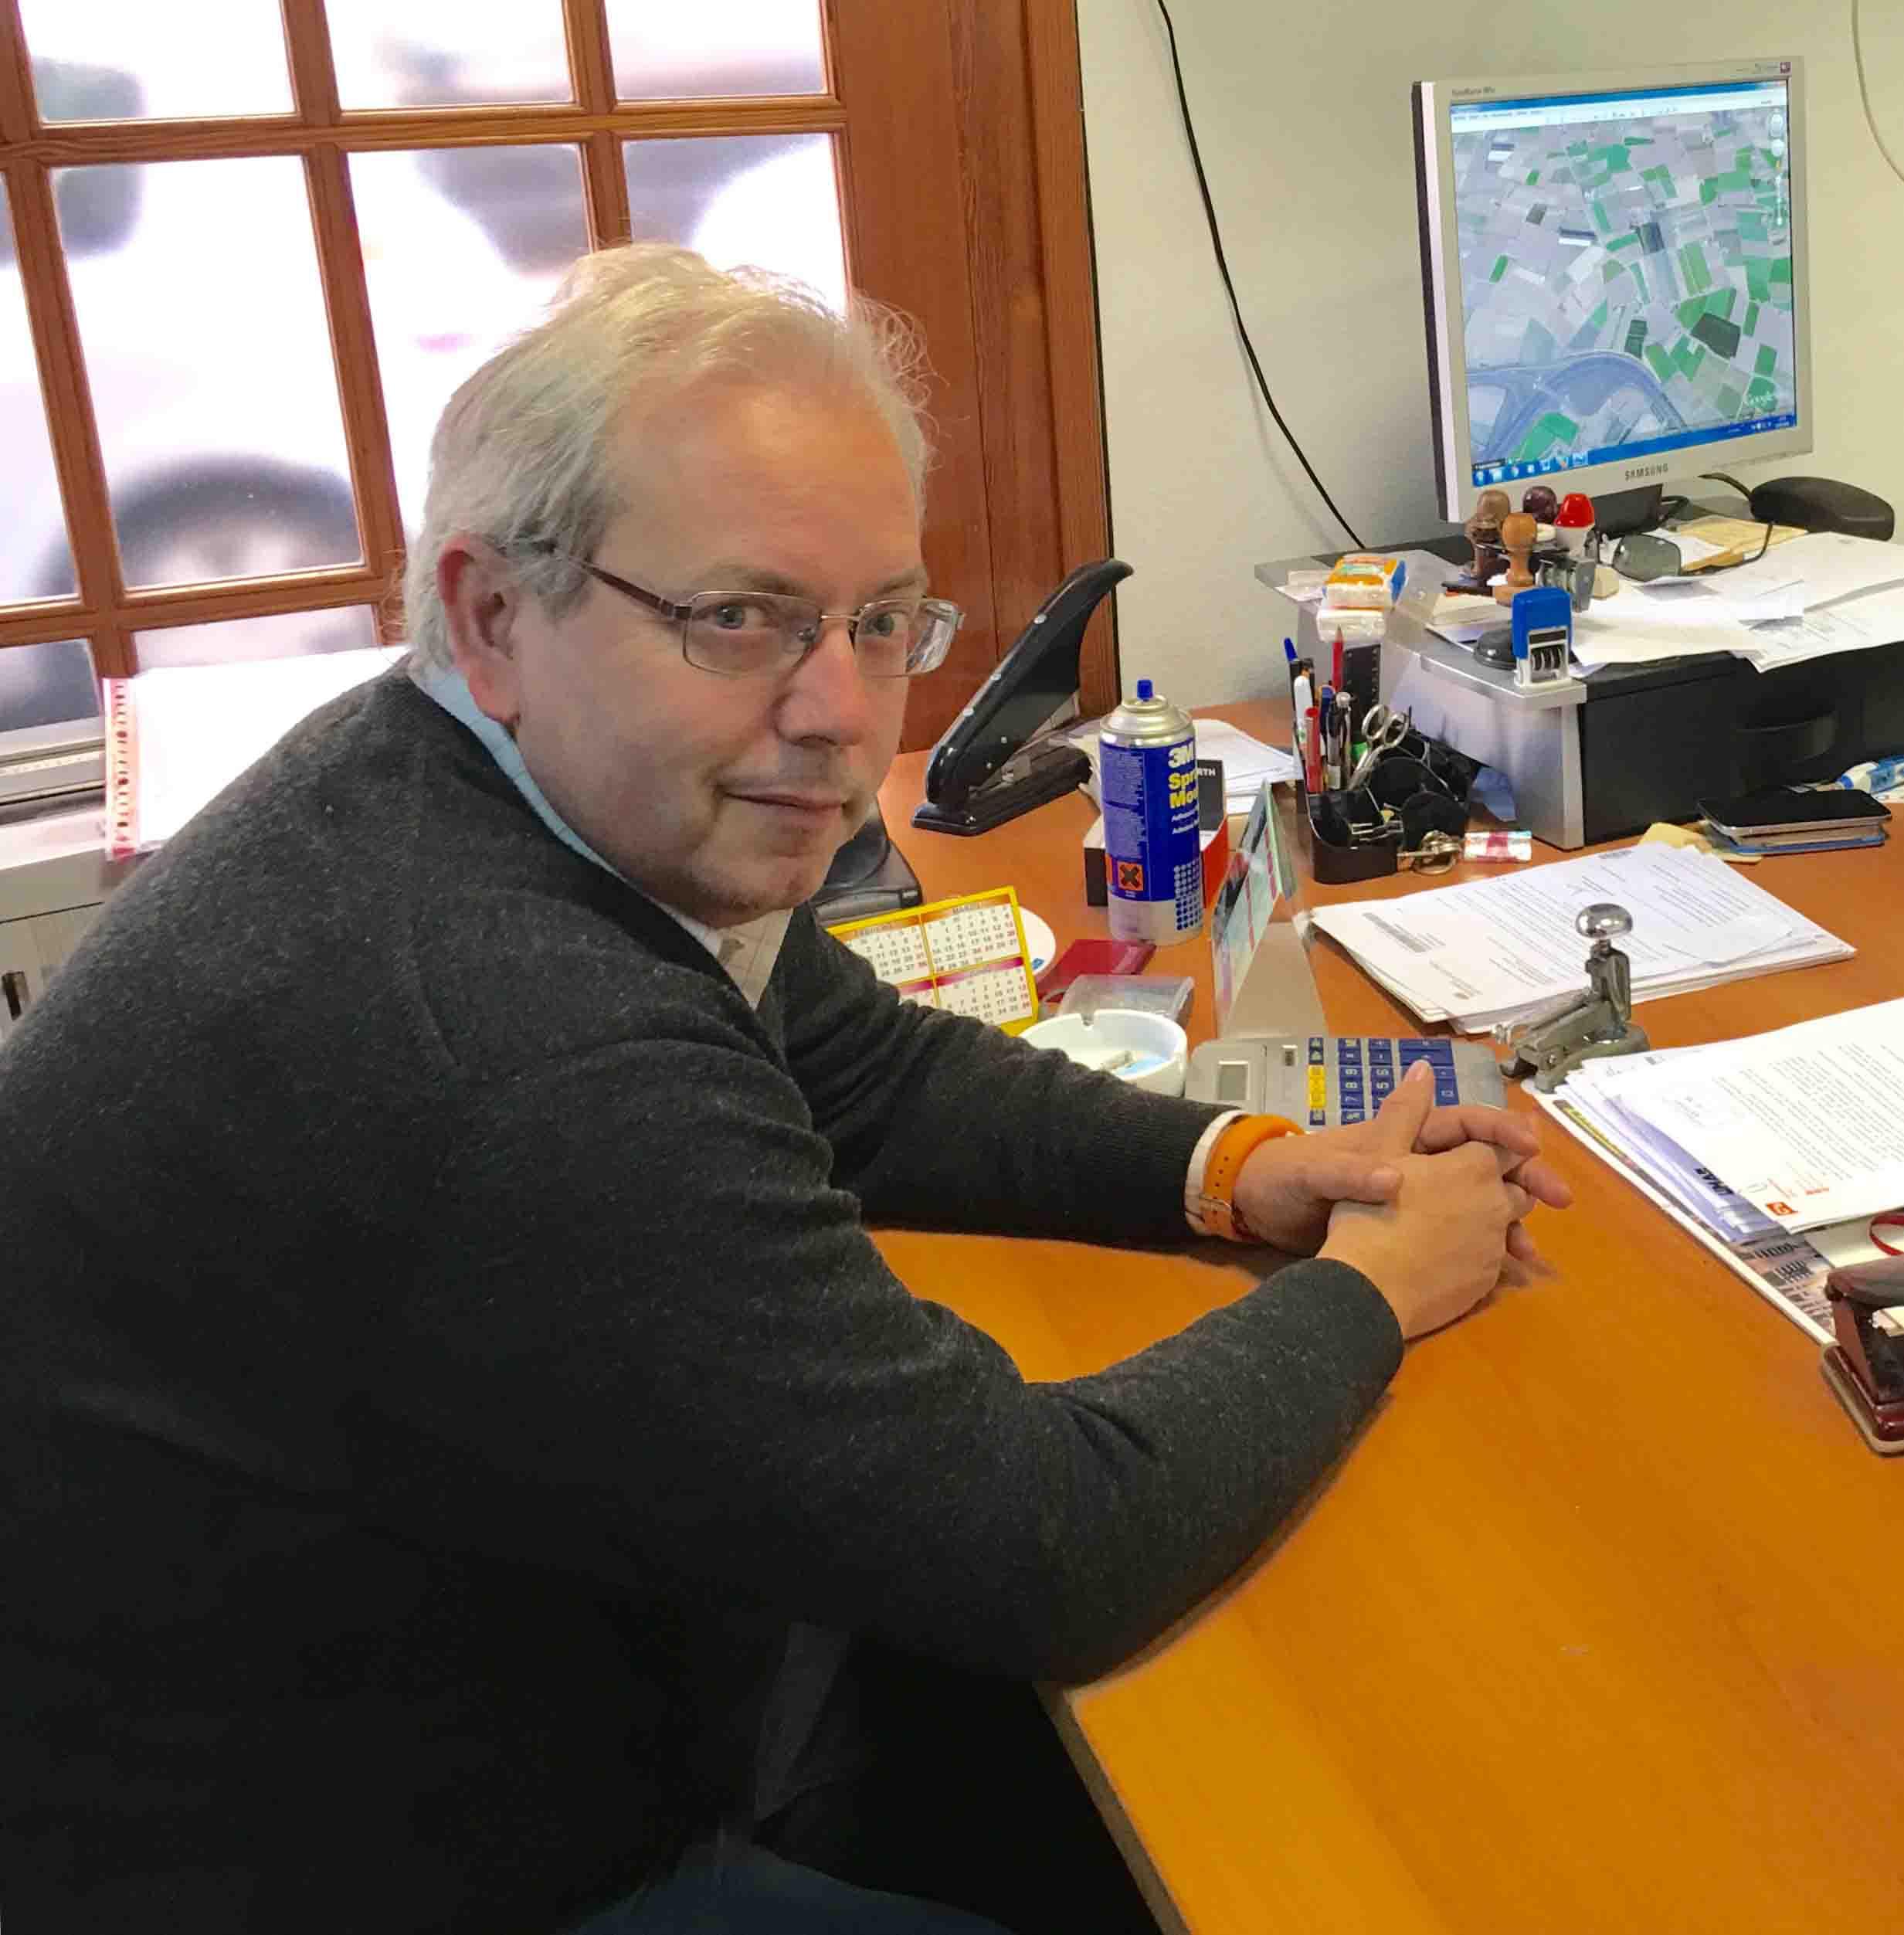 Ciudadanos burjassot exige soluciones para el pozo sin for Piscina cubierta almassera